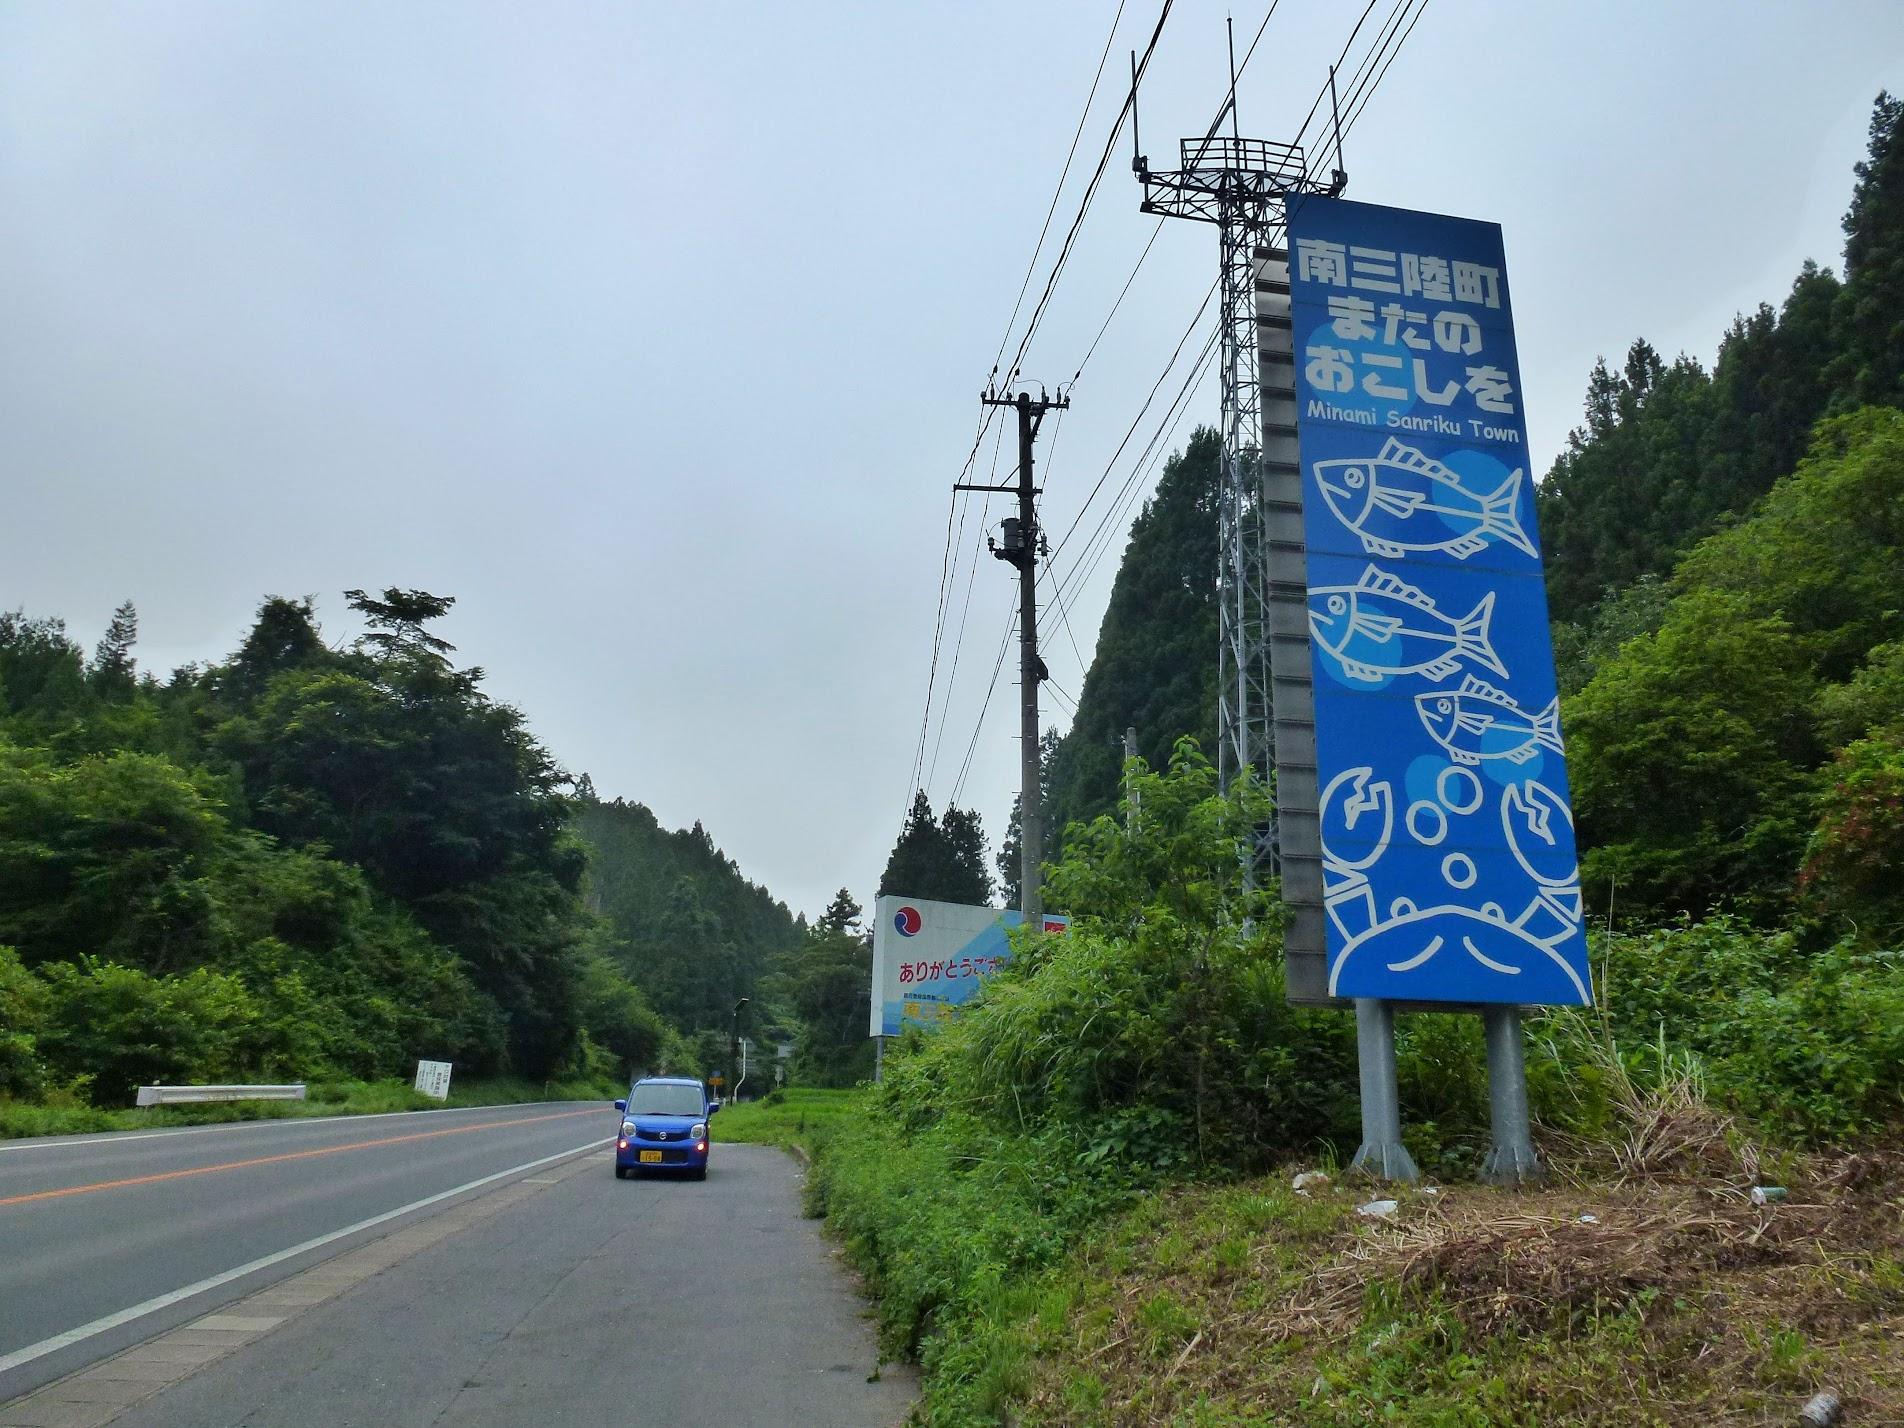 「南三陸町またのおこしを」看板(国道398号・戸倉街道方)